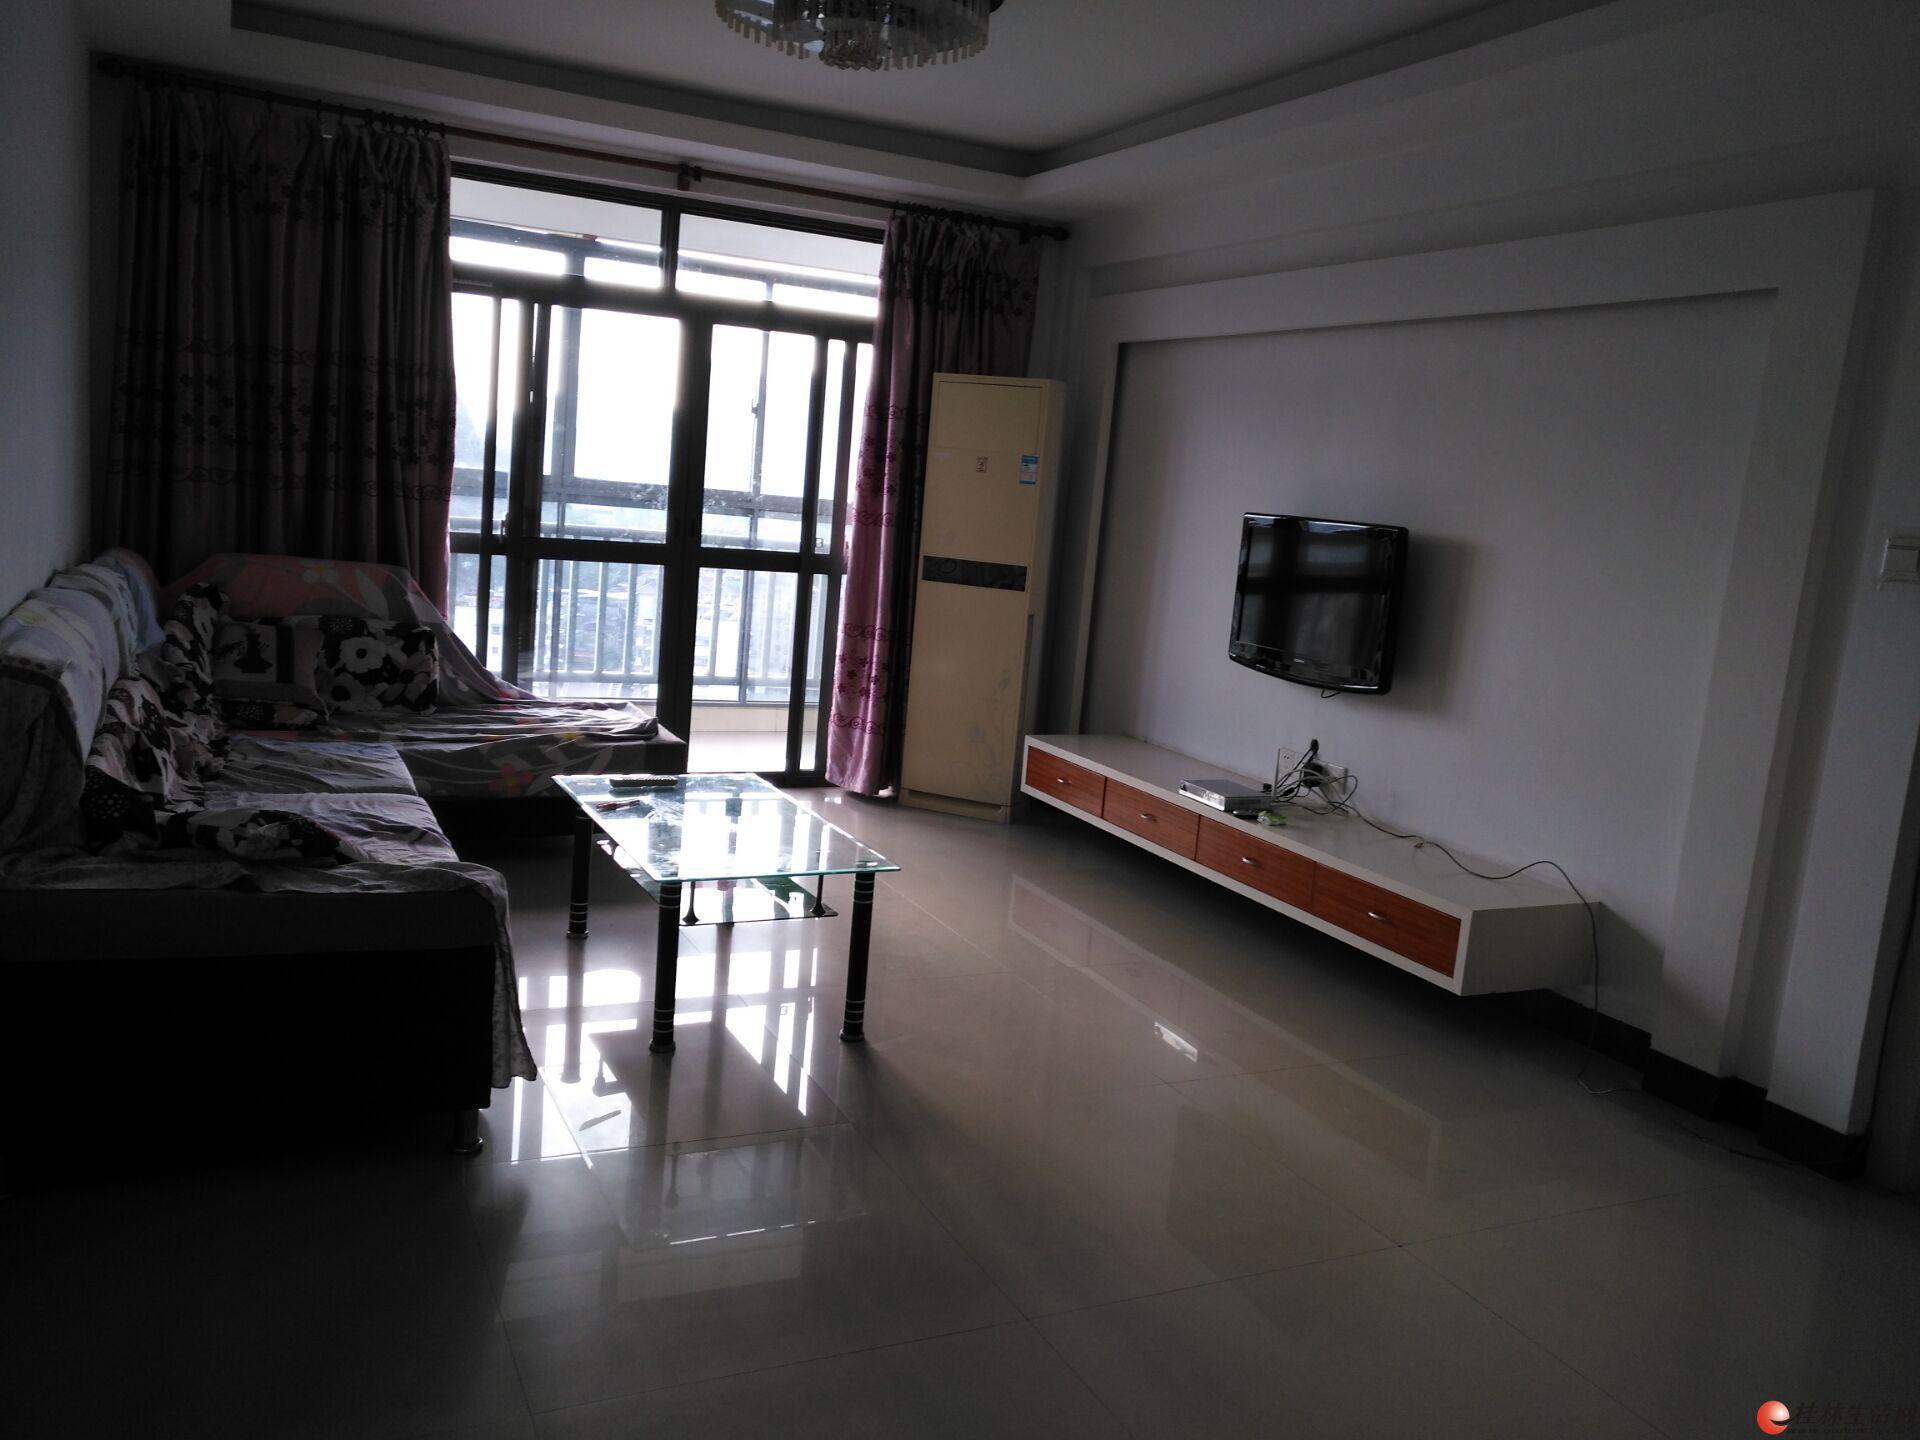 【出租】广运美居电梯2房2厅91平米家具家电齐全出租